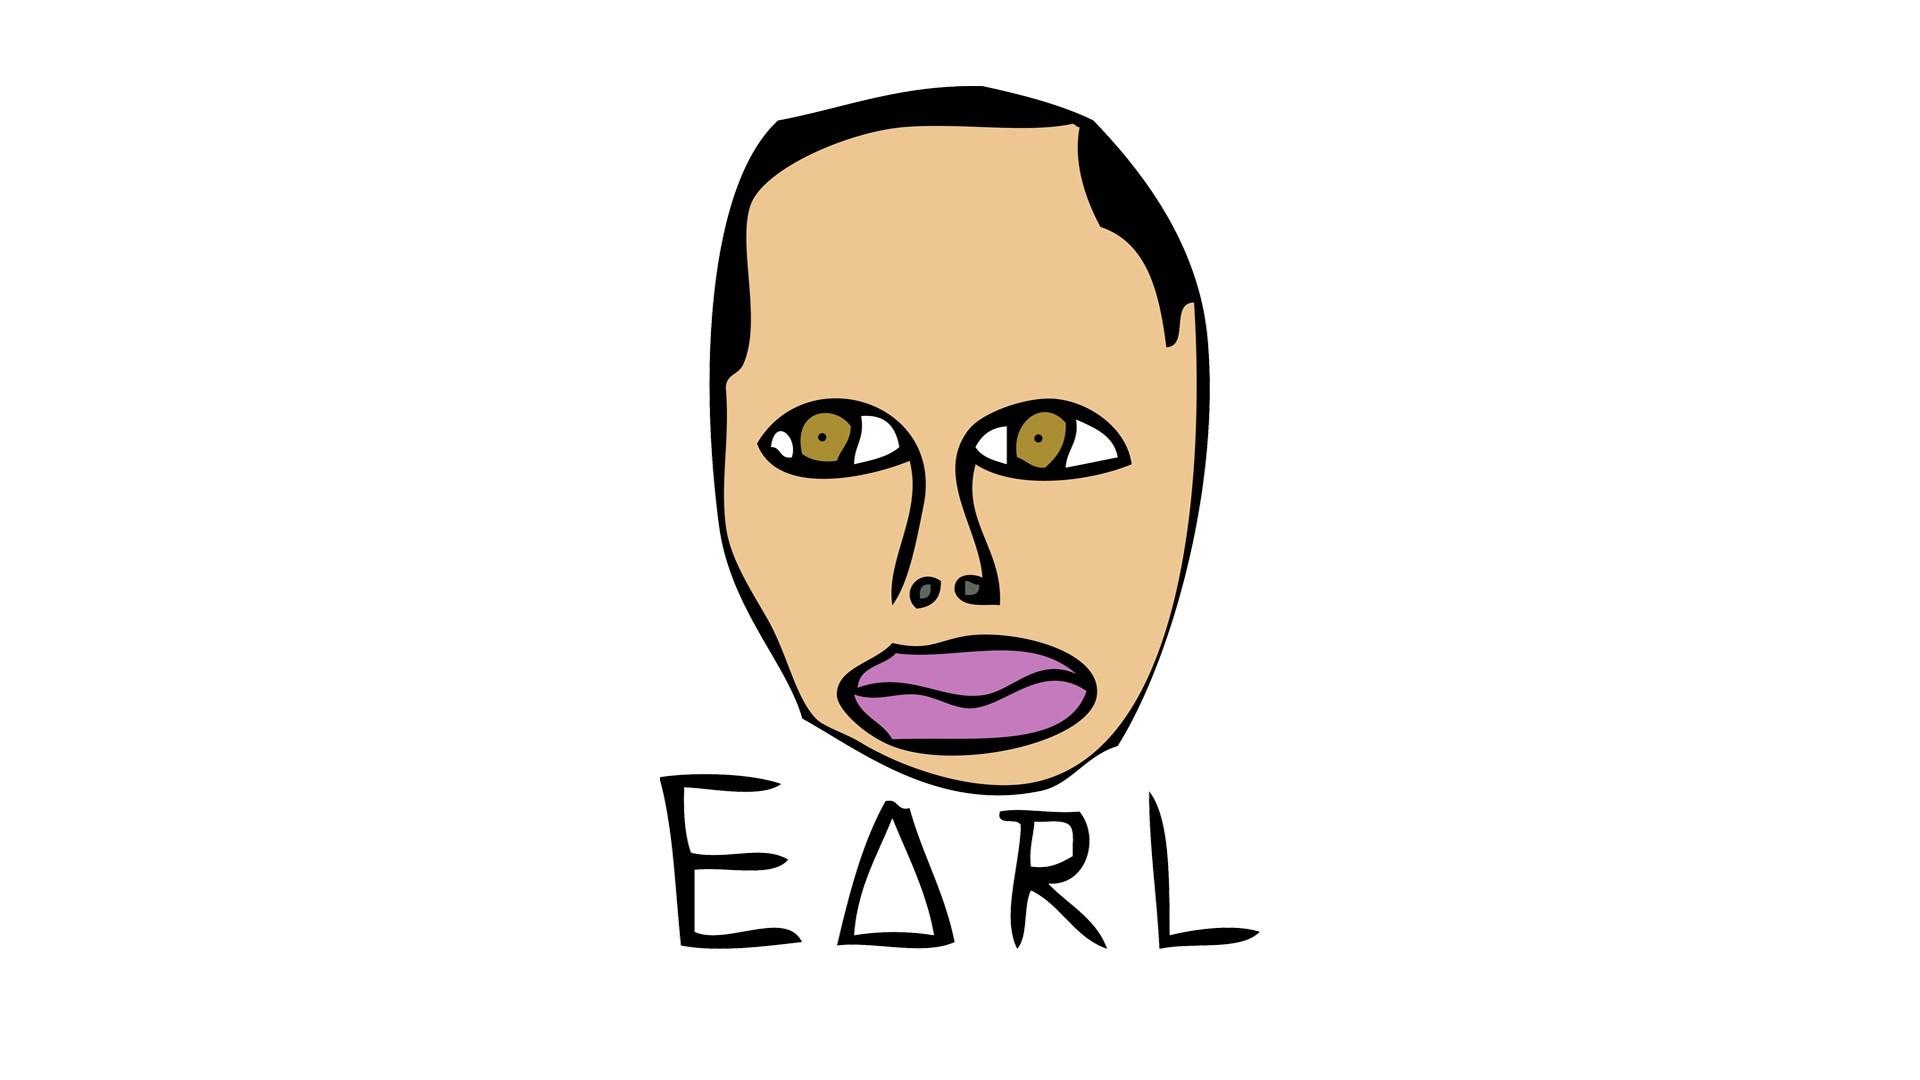 earl sweatshirt ofwgkta